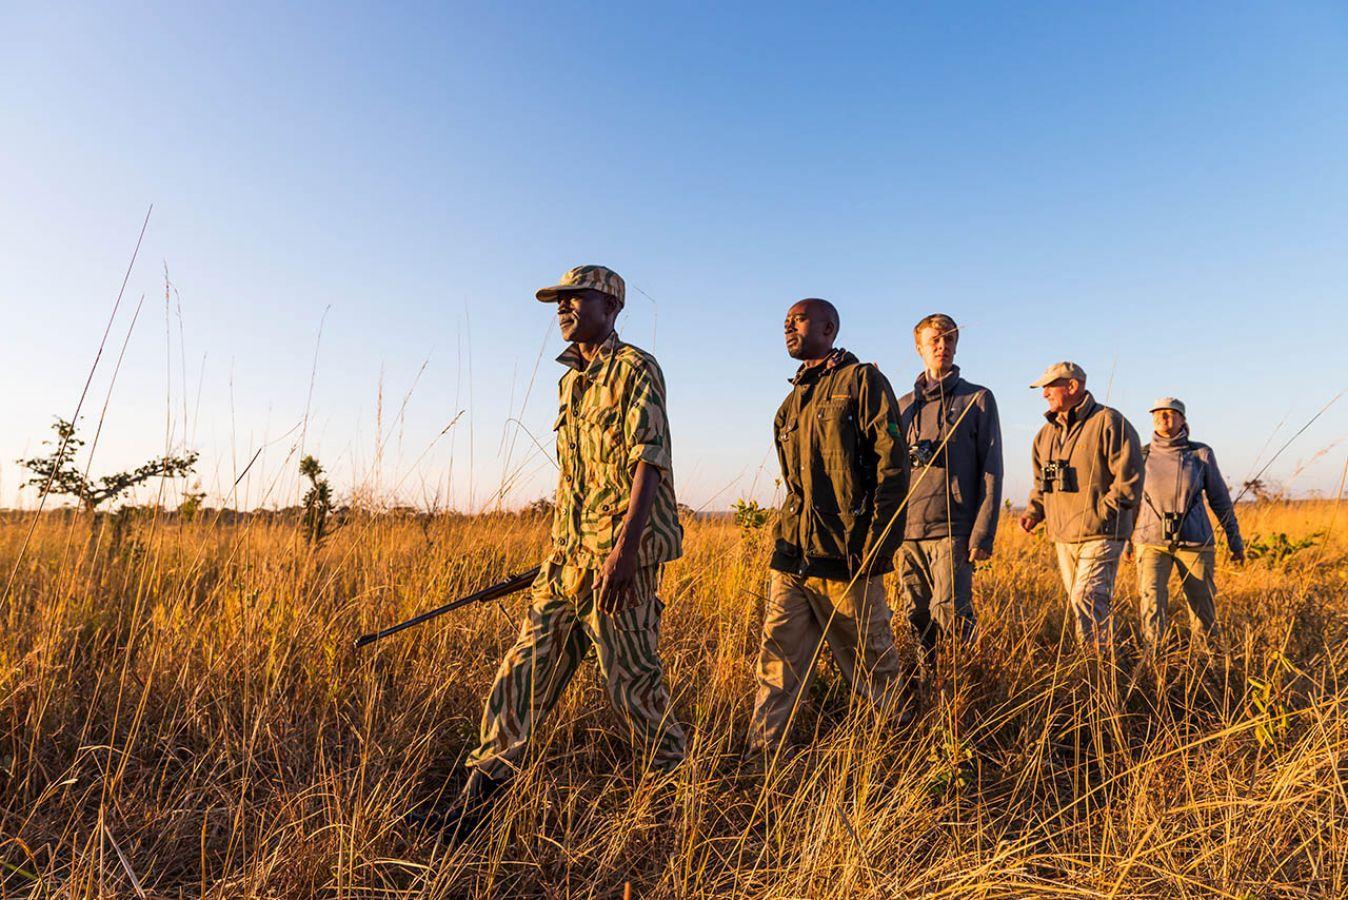 Mukambi safari